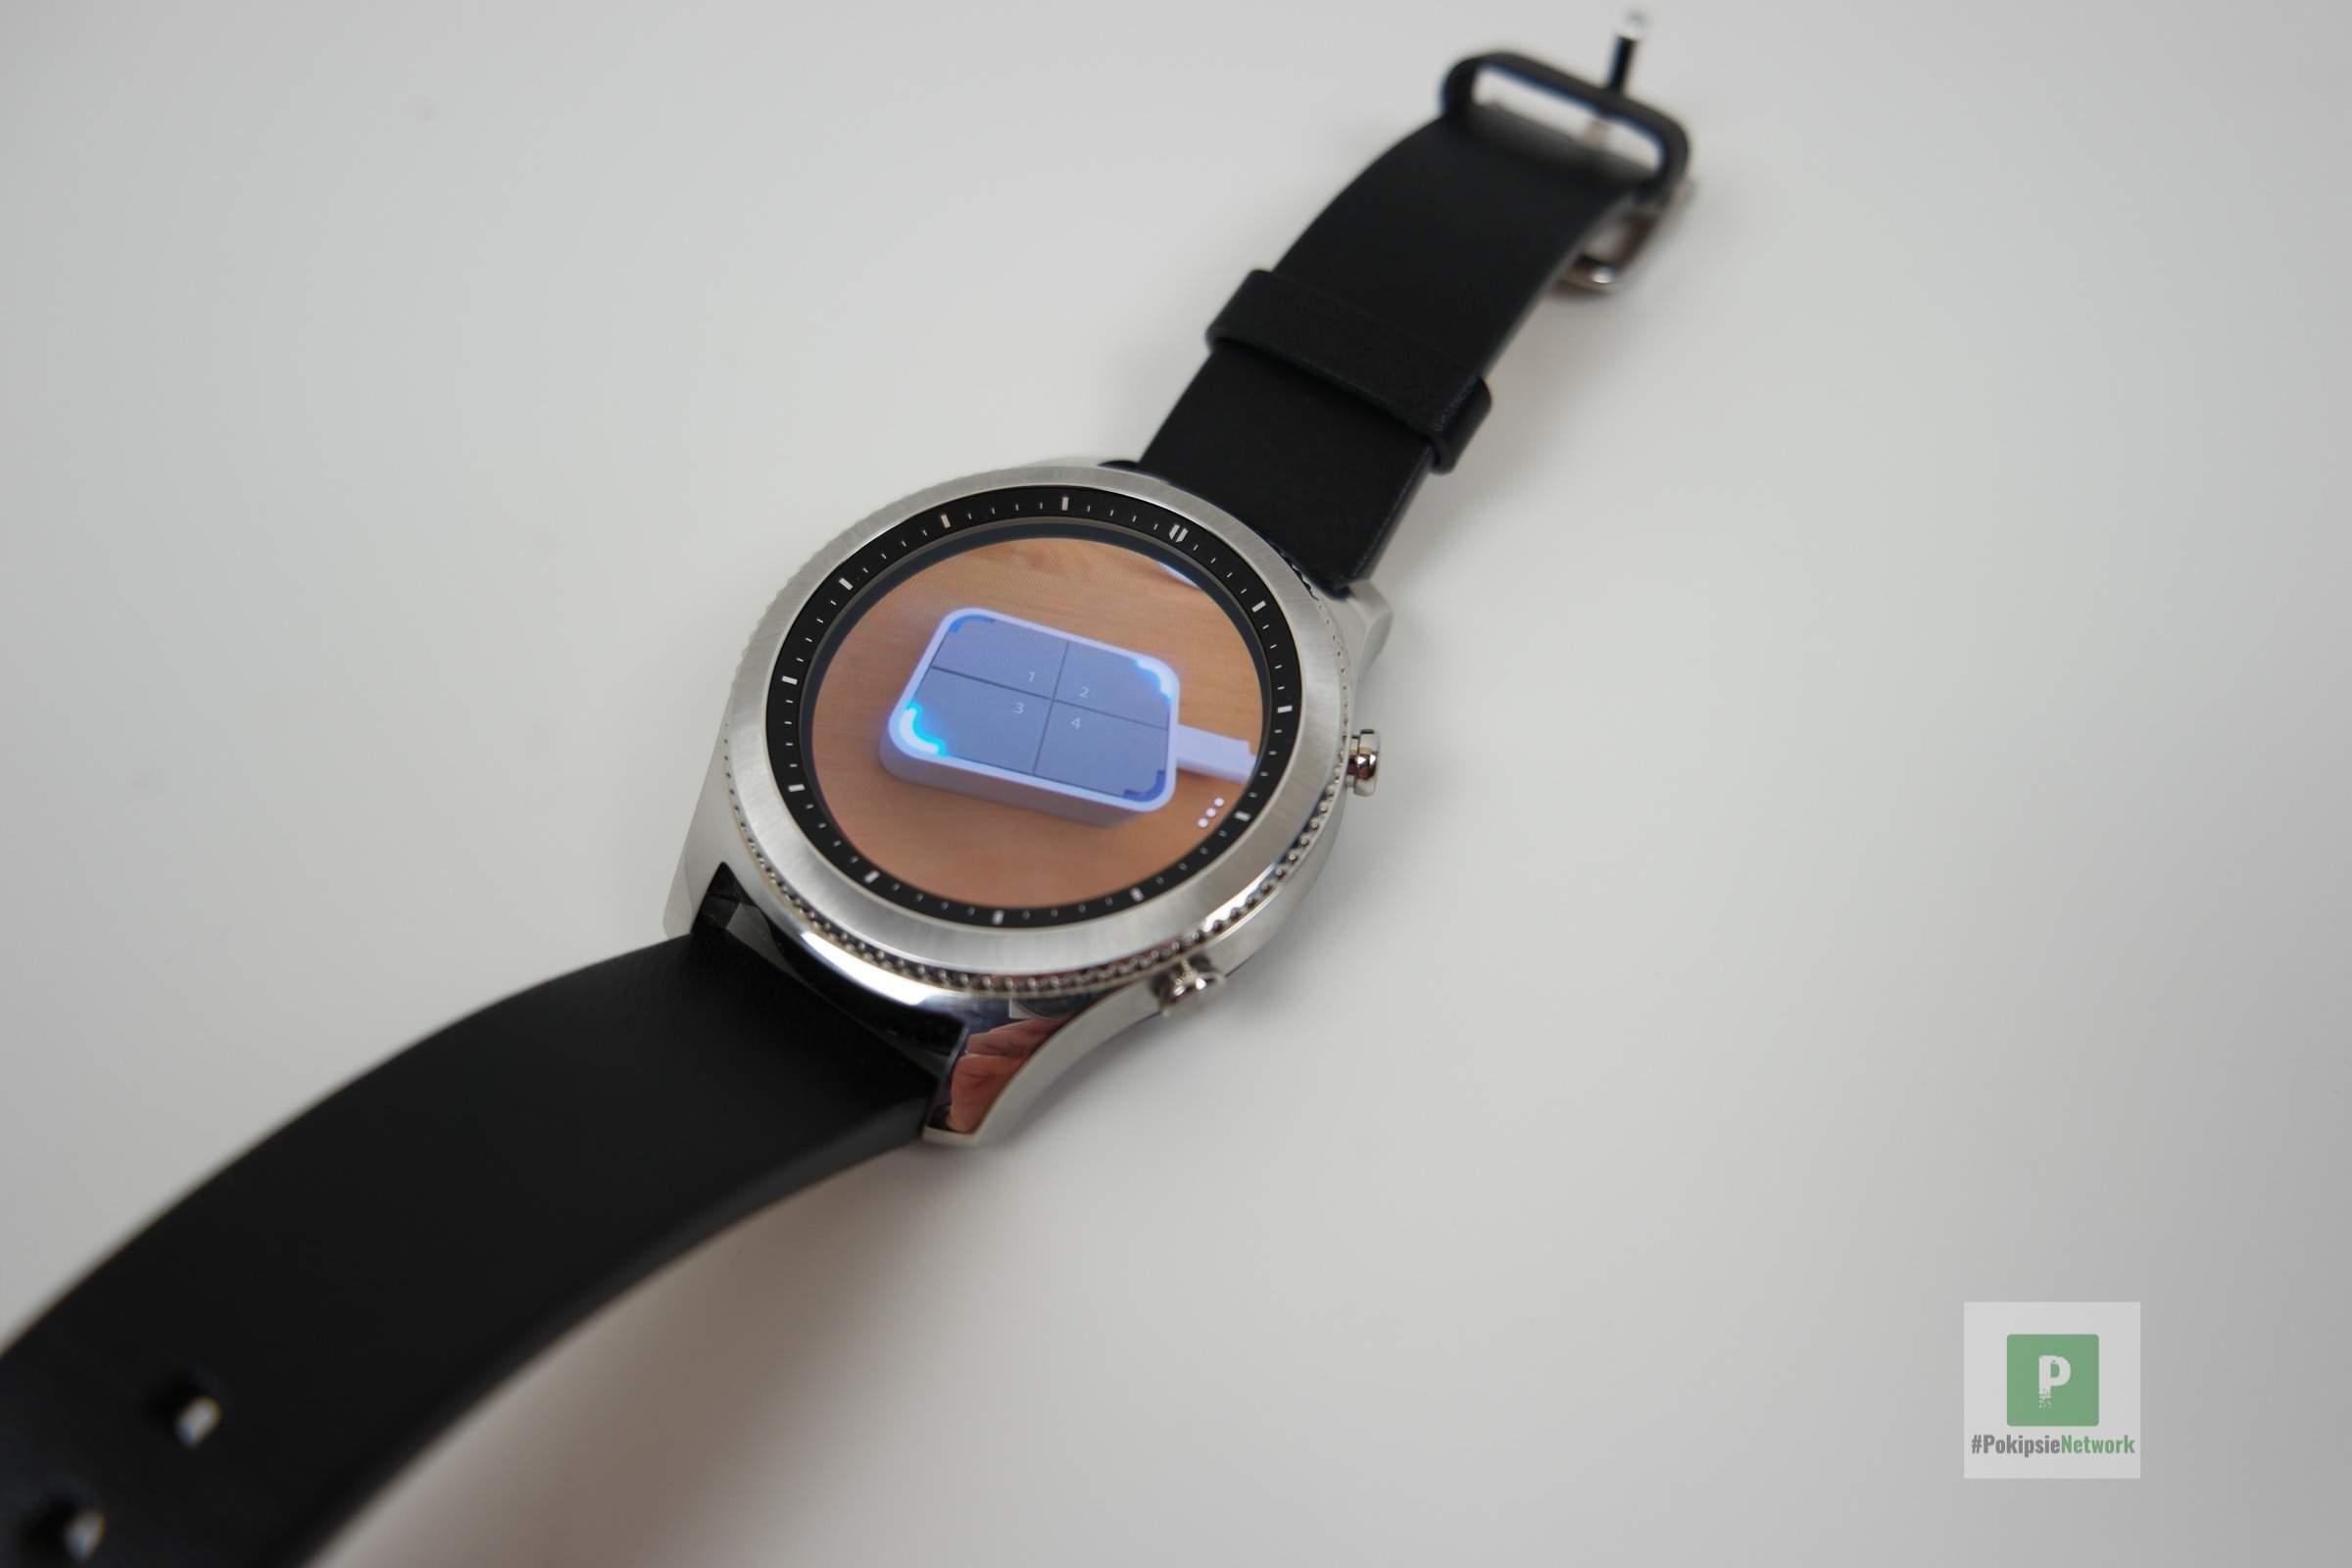 Samsung Gear S3 Classic Testbericht Pokipsies Digitale Welt Silver Bilder Betrachten Auf Der Watch